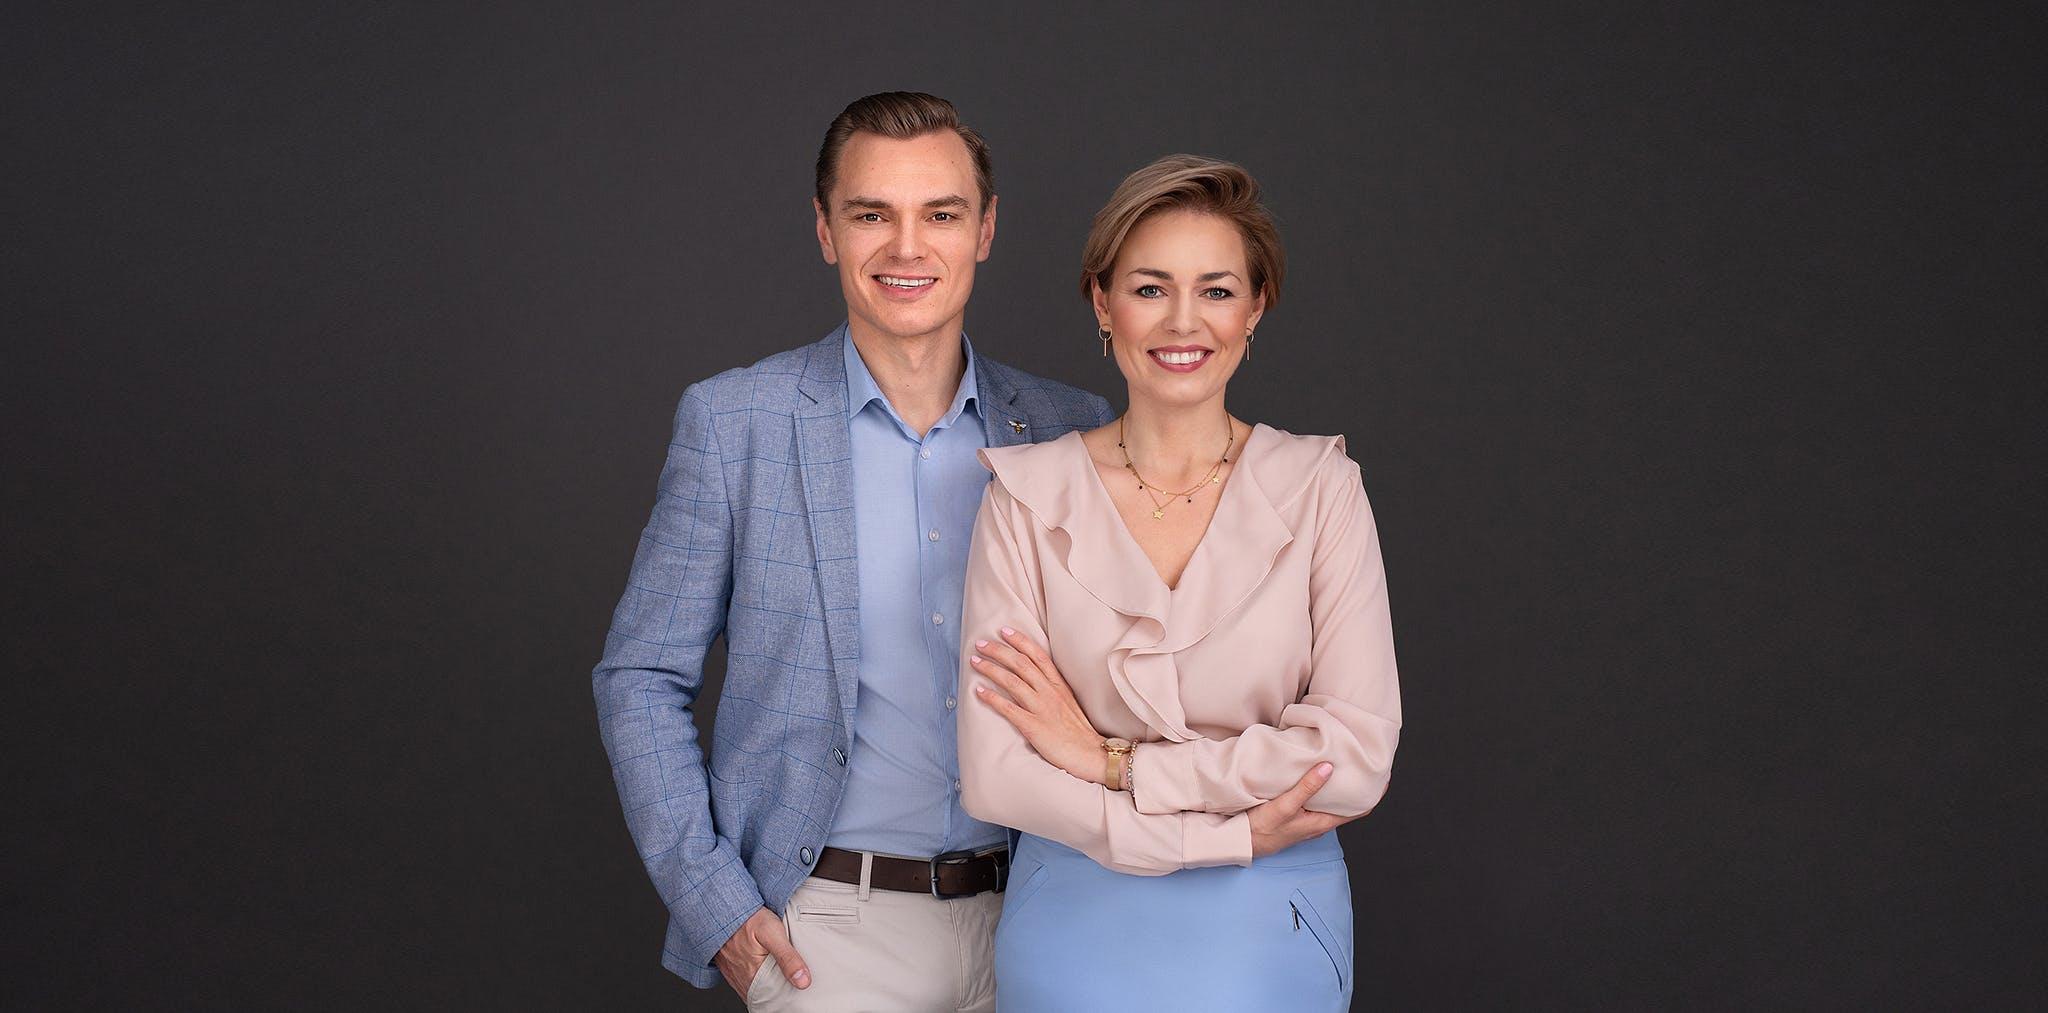 Lider Nieruchomości Otodom 2020, województwo wielkopolskie: Advestor Premium House